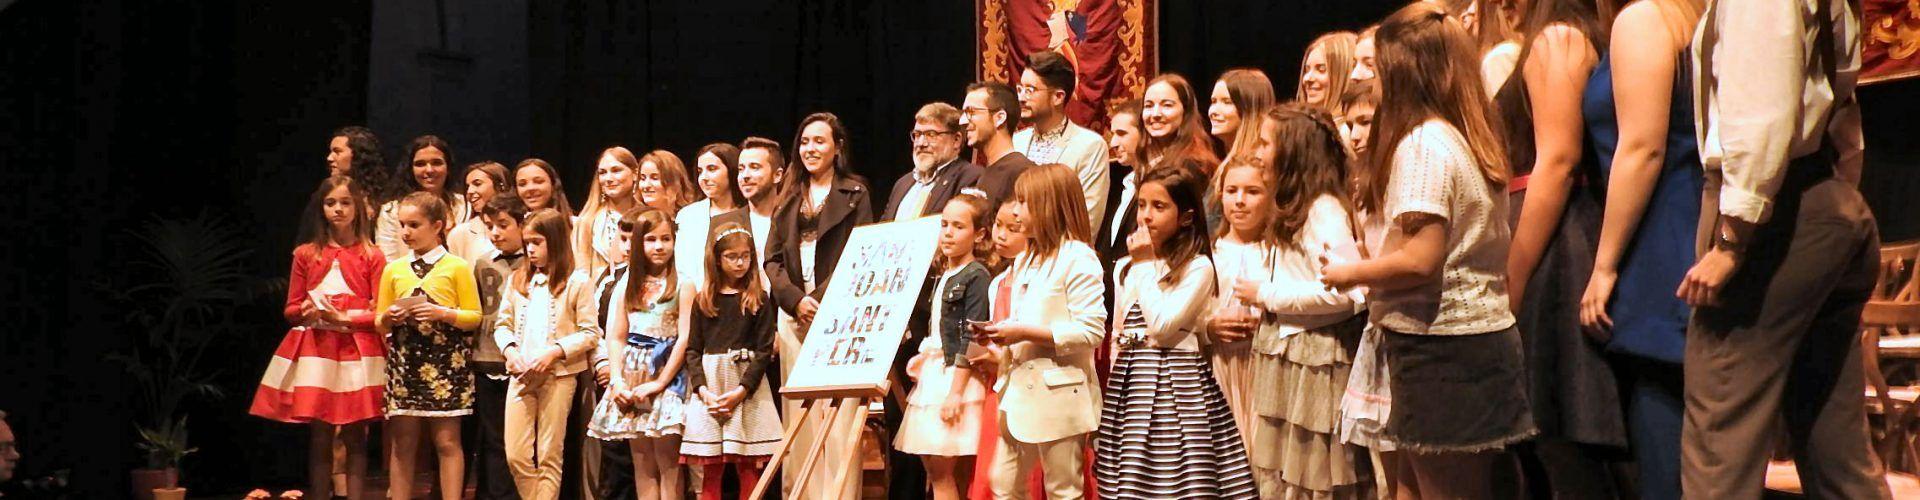 L'elecció de reines de Vinaròs, en vídeos